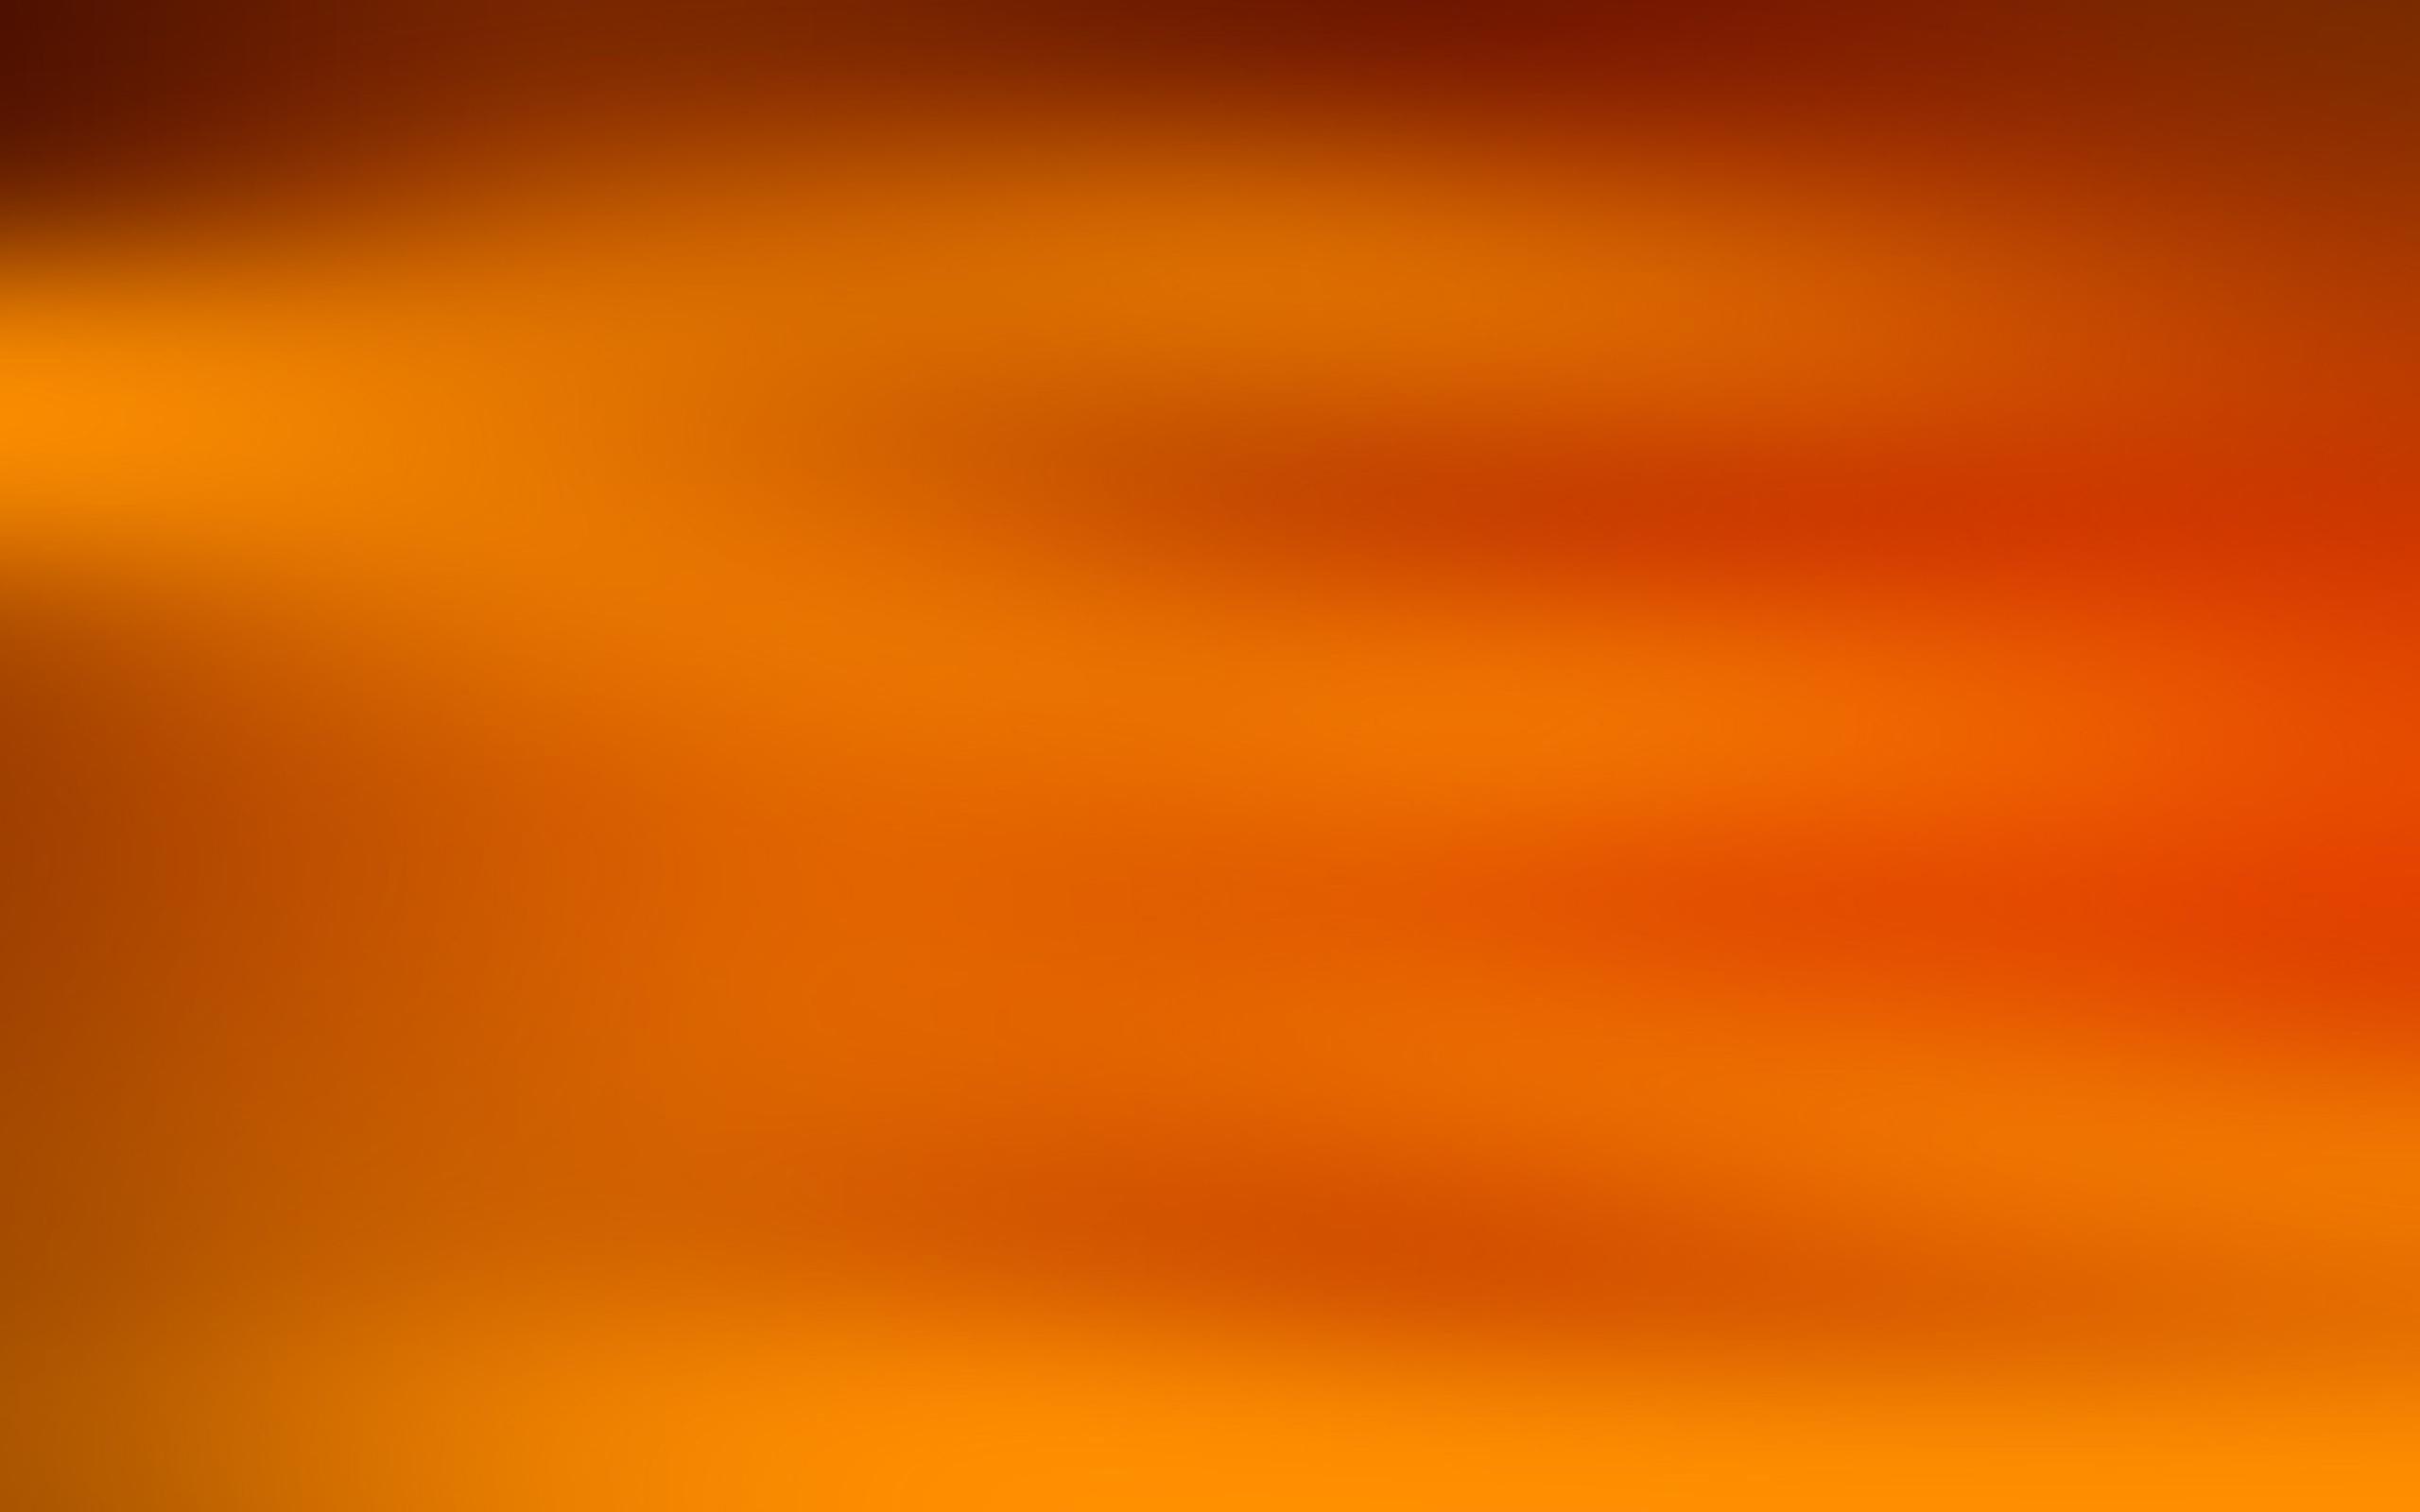 покупатели, хочу фон для презентации оранжевого цвета газохимический